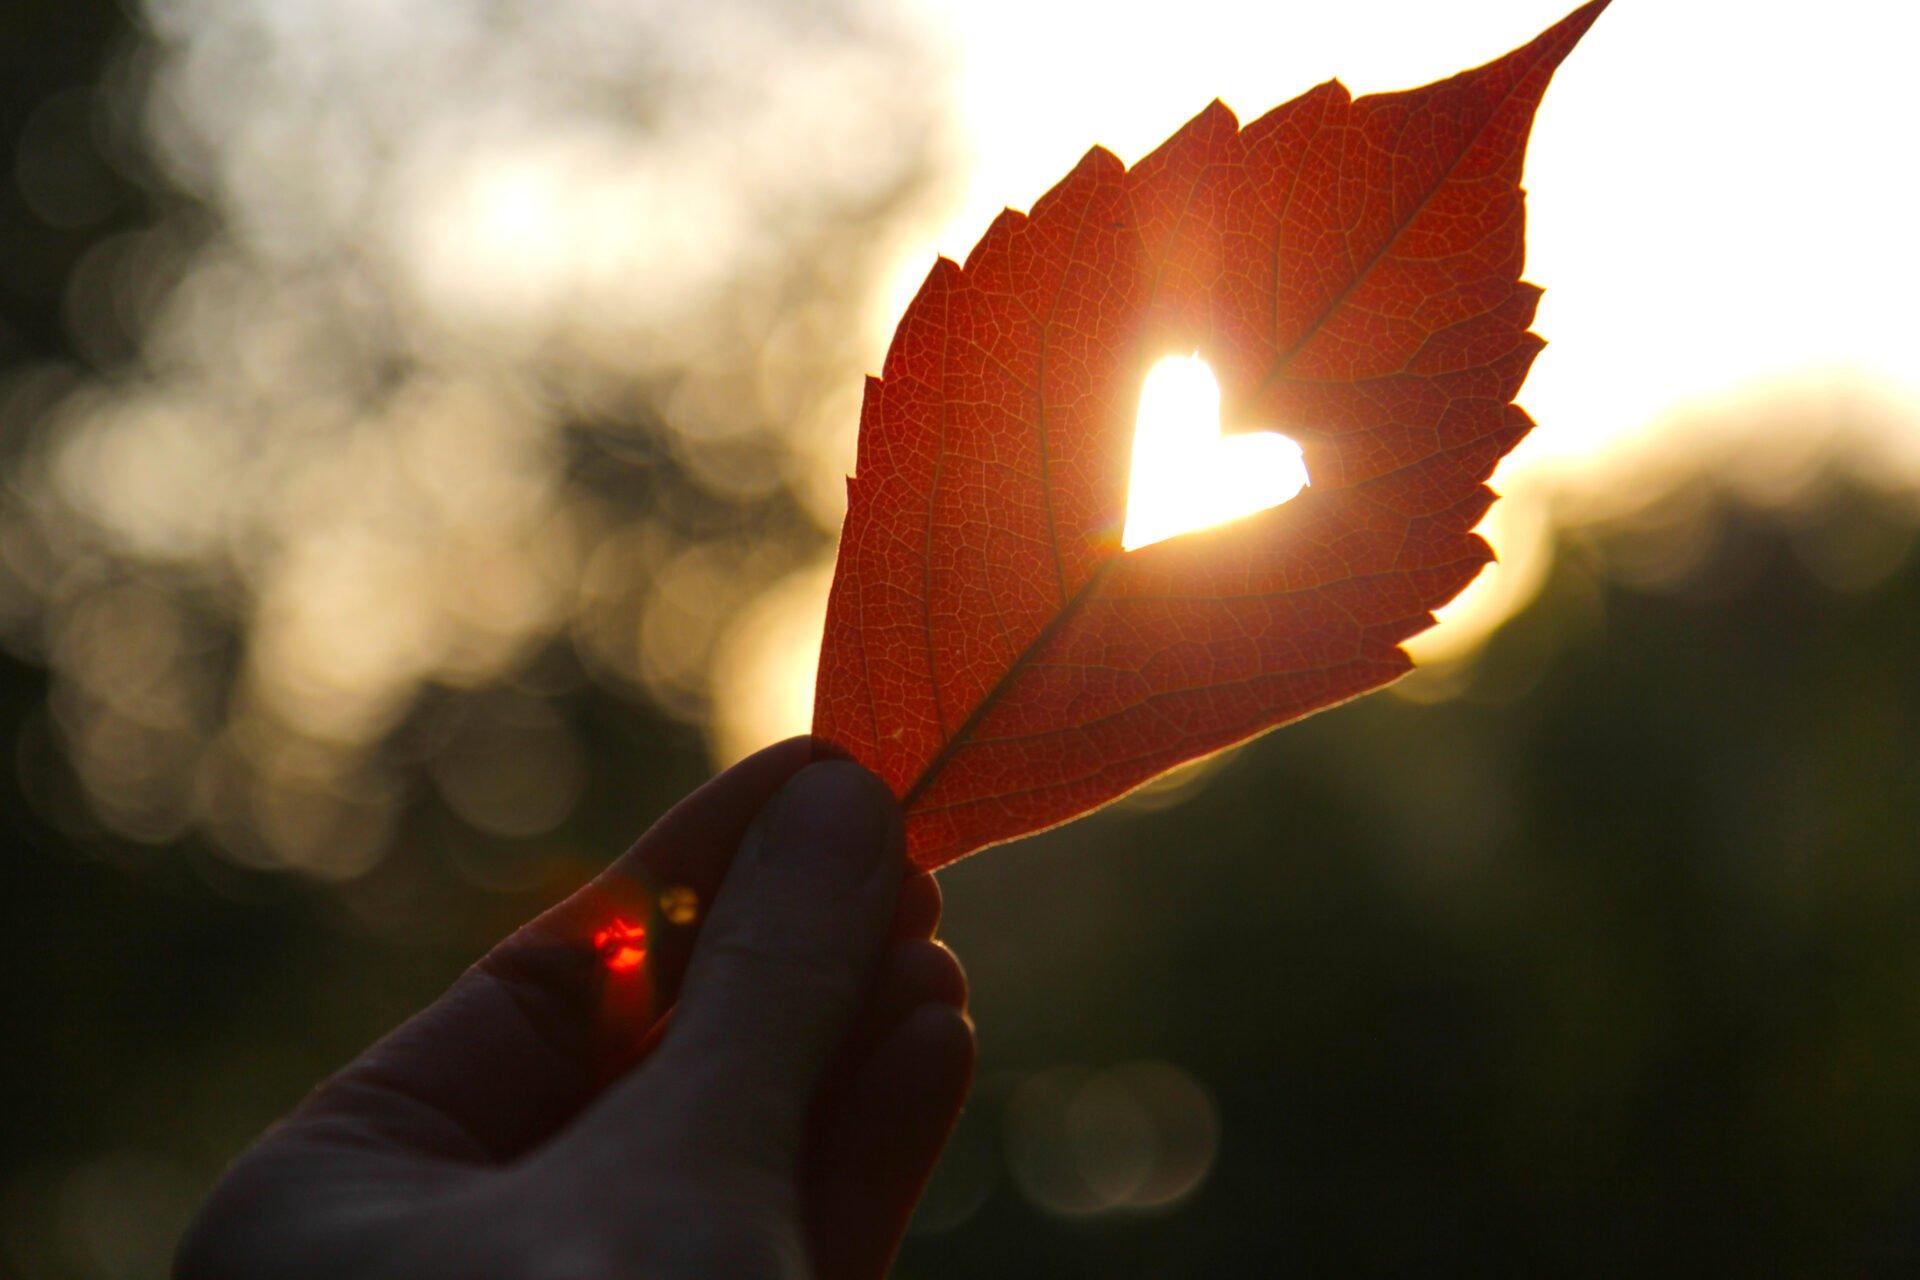 puun lehti jossa on sydän